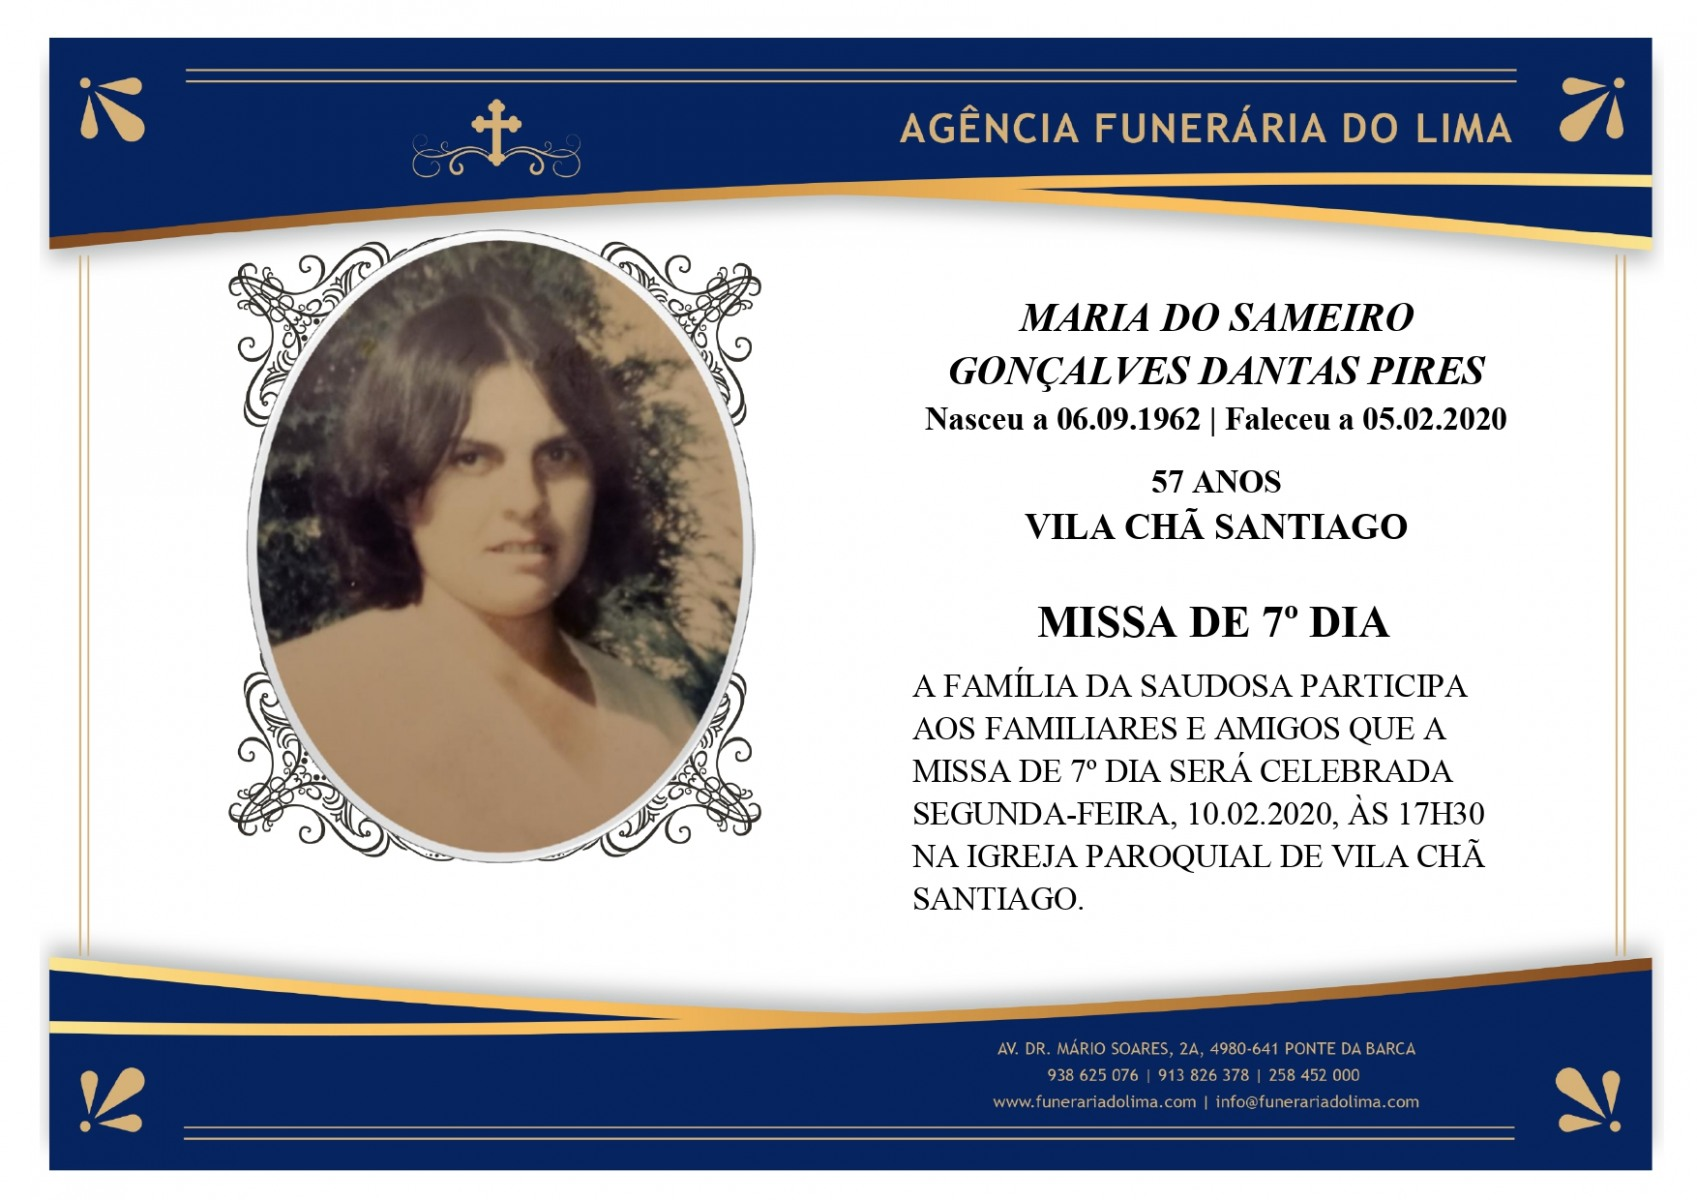 Maria do Sameiro Gonçalves Dantas Pires